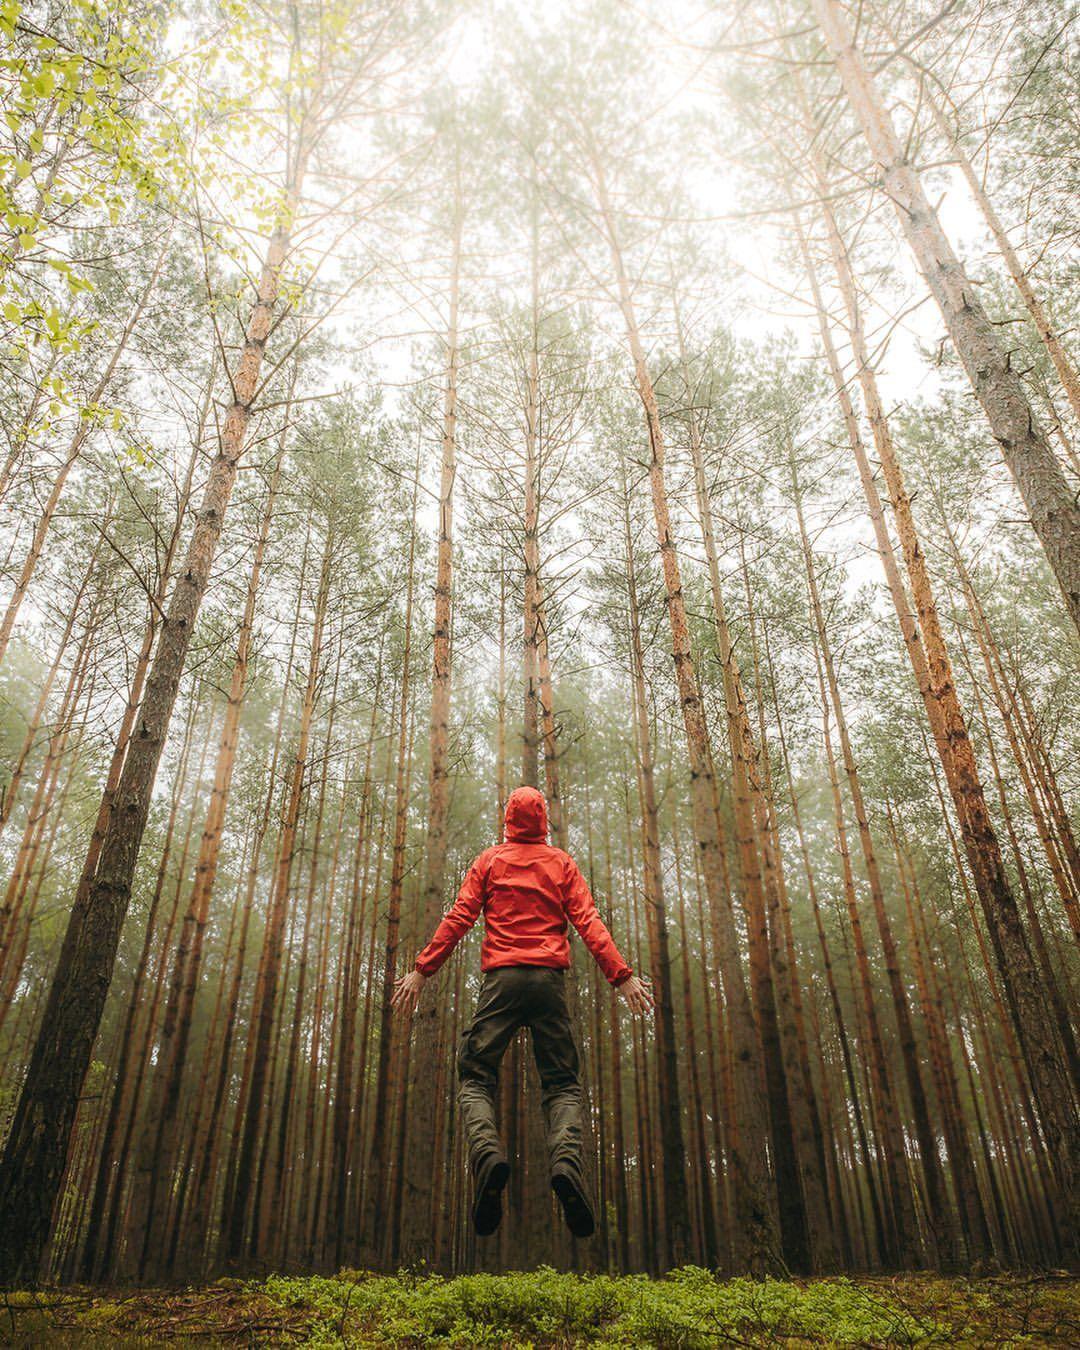 юбилей, день как получить хорошие фотографии в лесу качественная мягкая